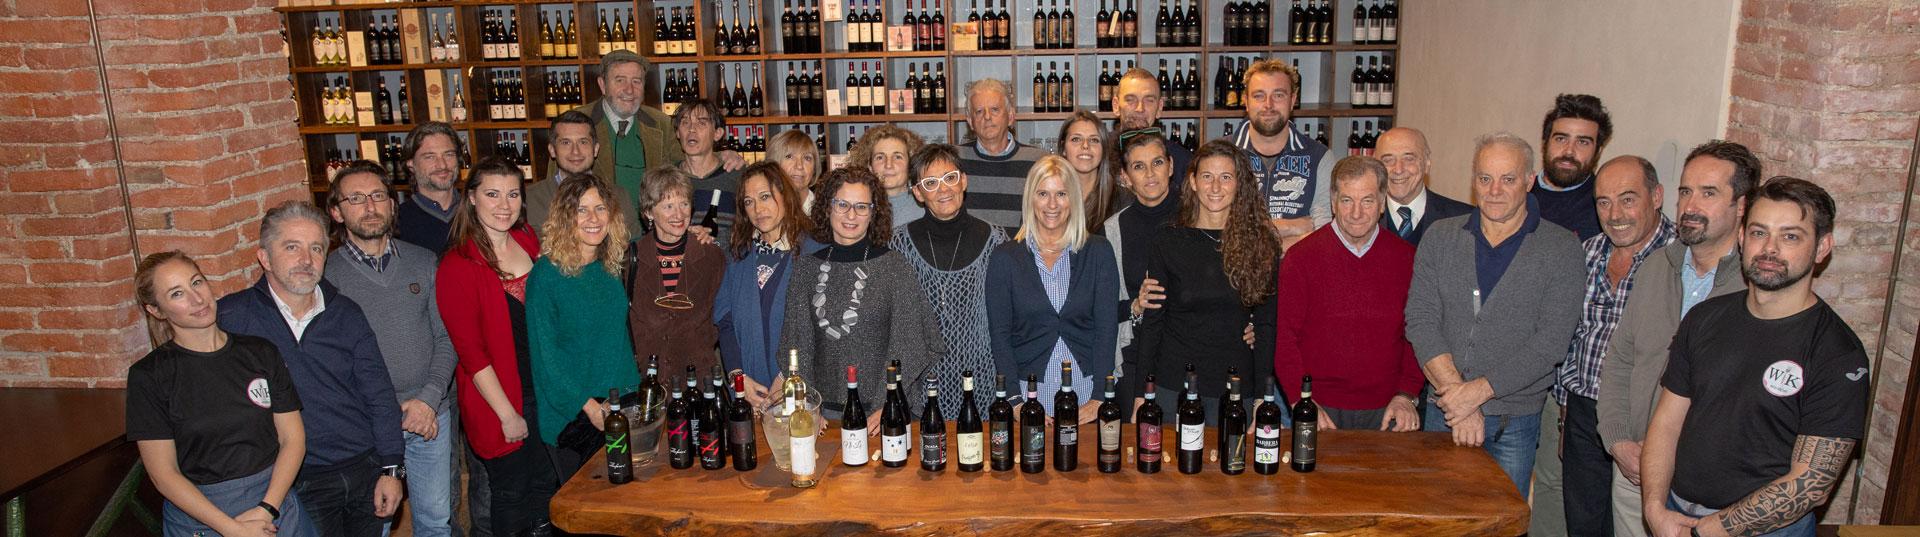 Staff Enoteca Regionale Ovada e del Monferrato